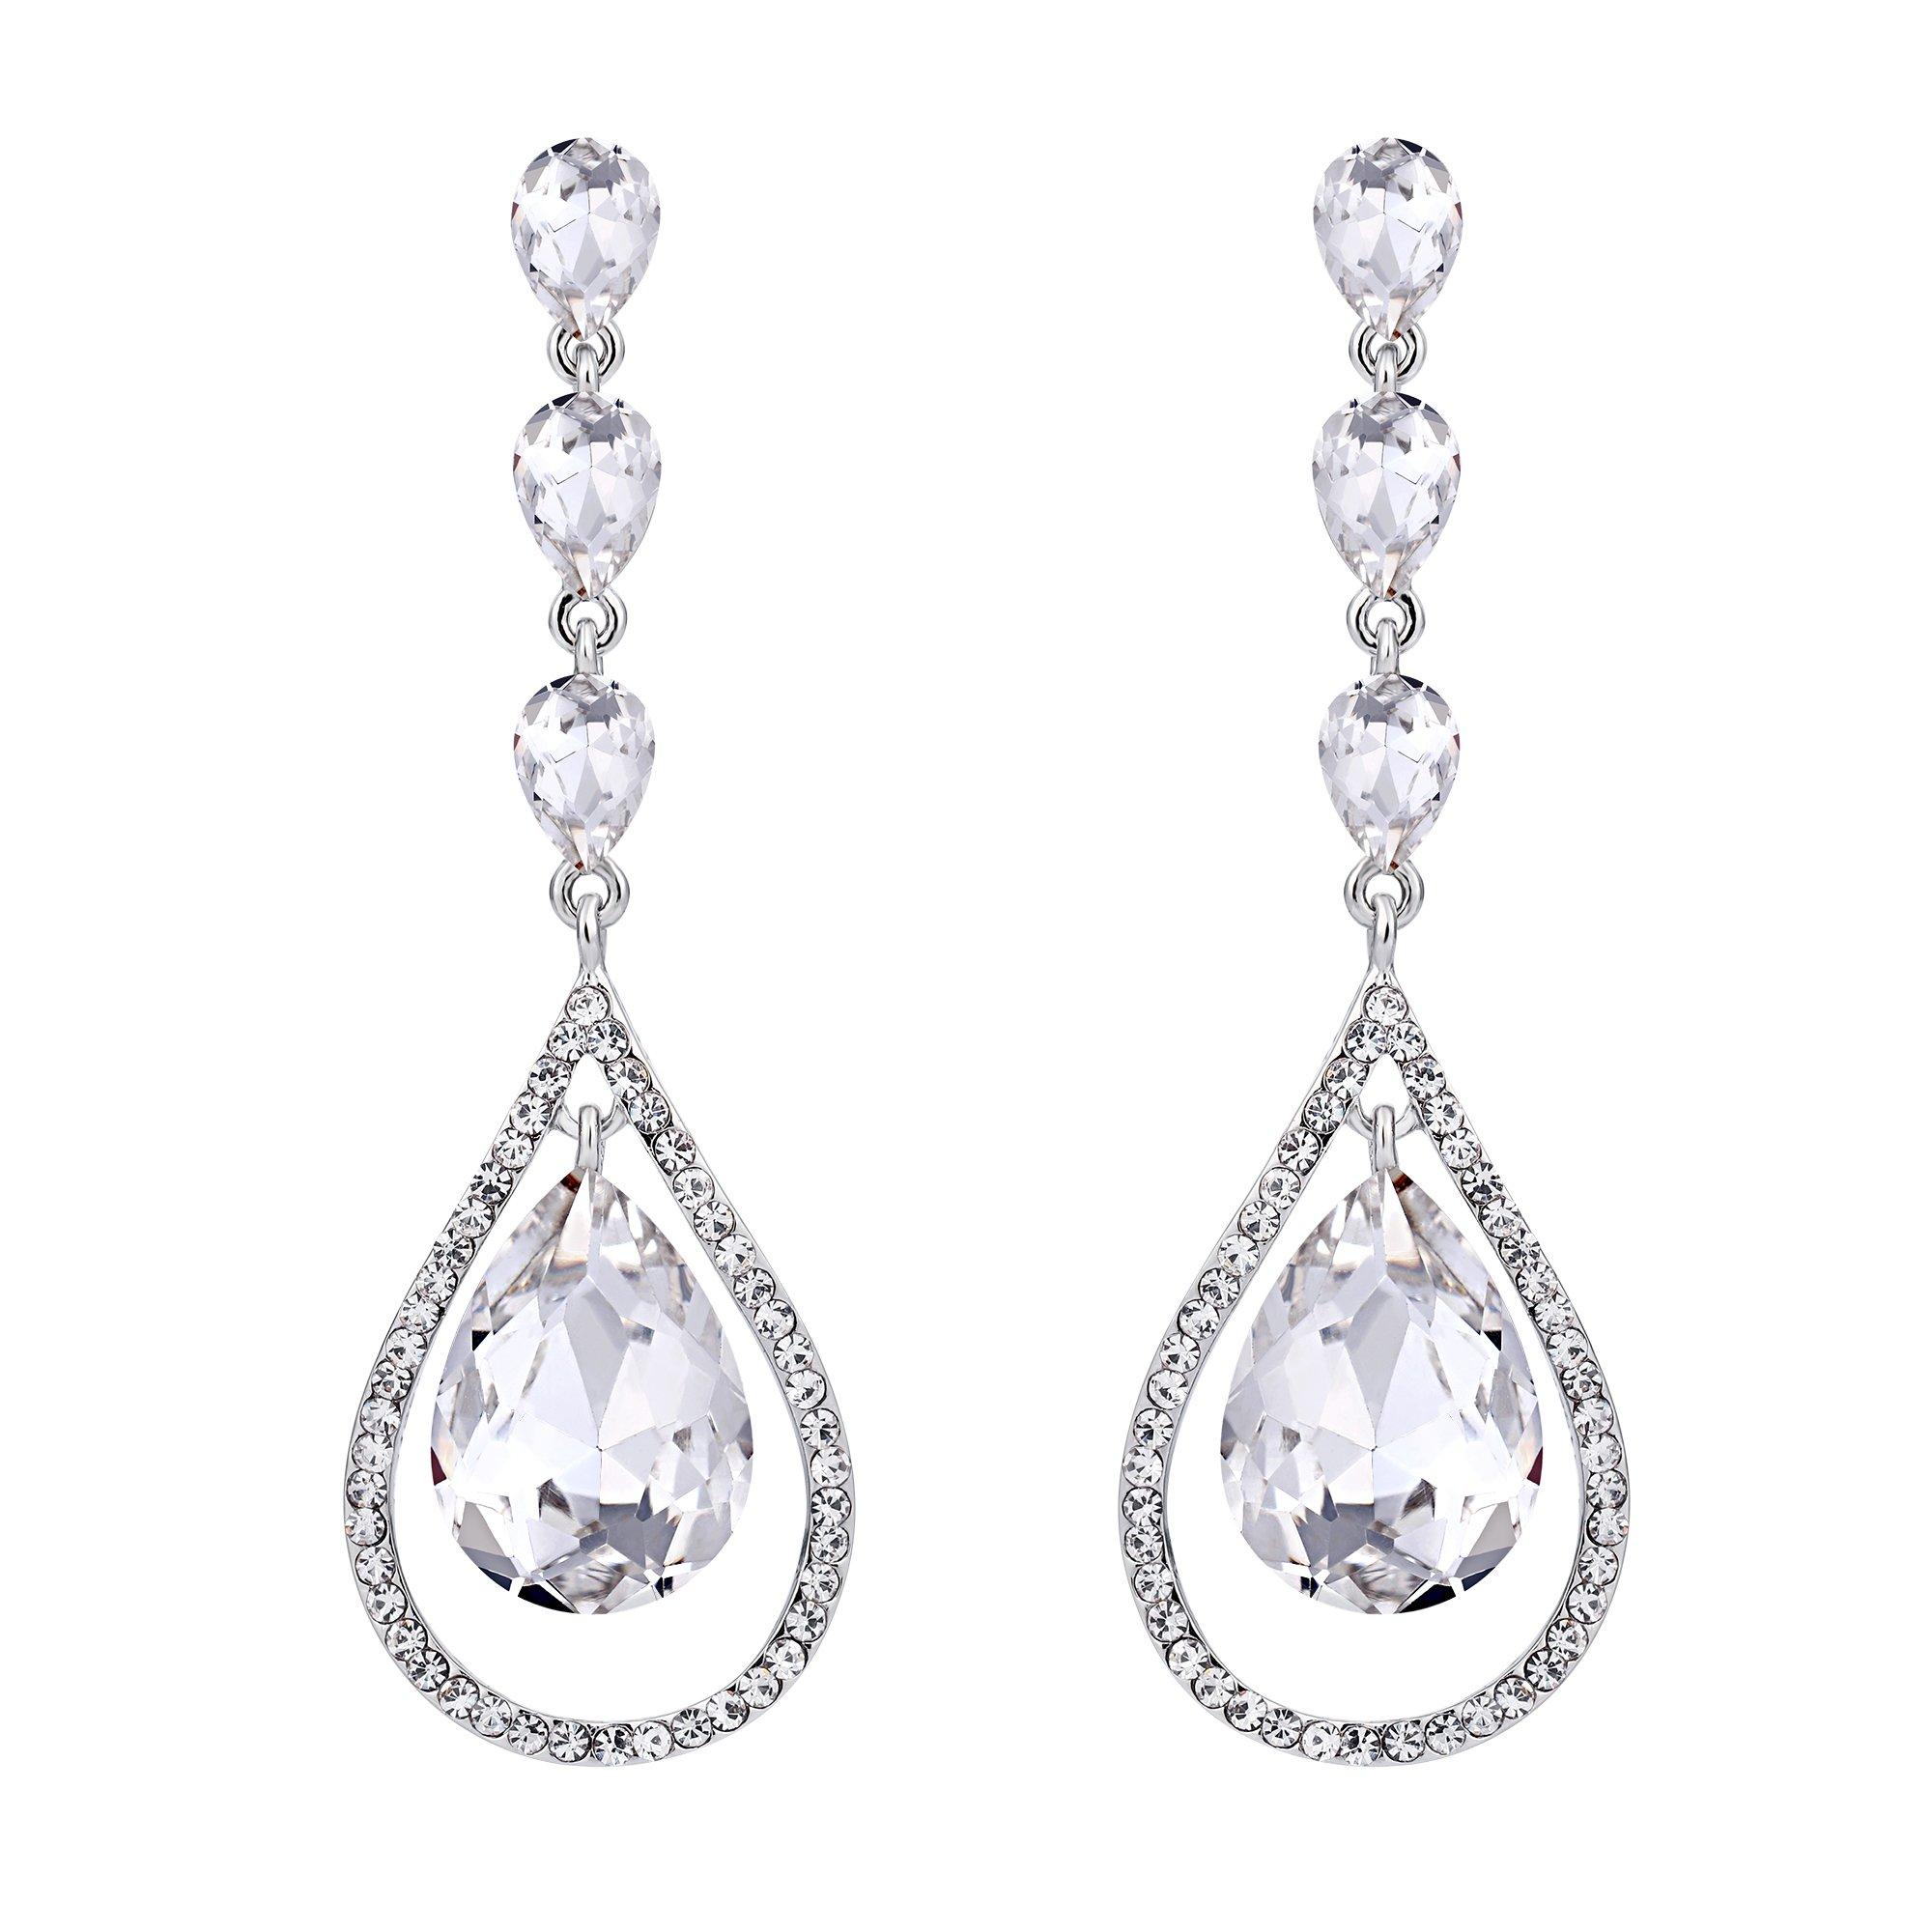 EVER FAITH Austrian Crystal Bridal Hollow-out Teardrop Pierced Dangle Earrings Clear Silver-Tone